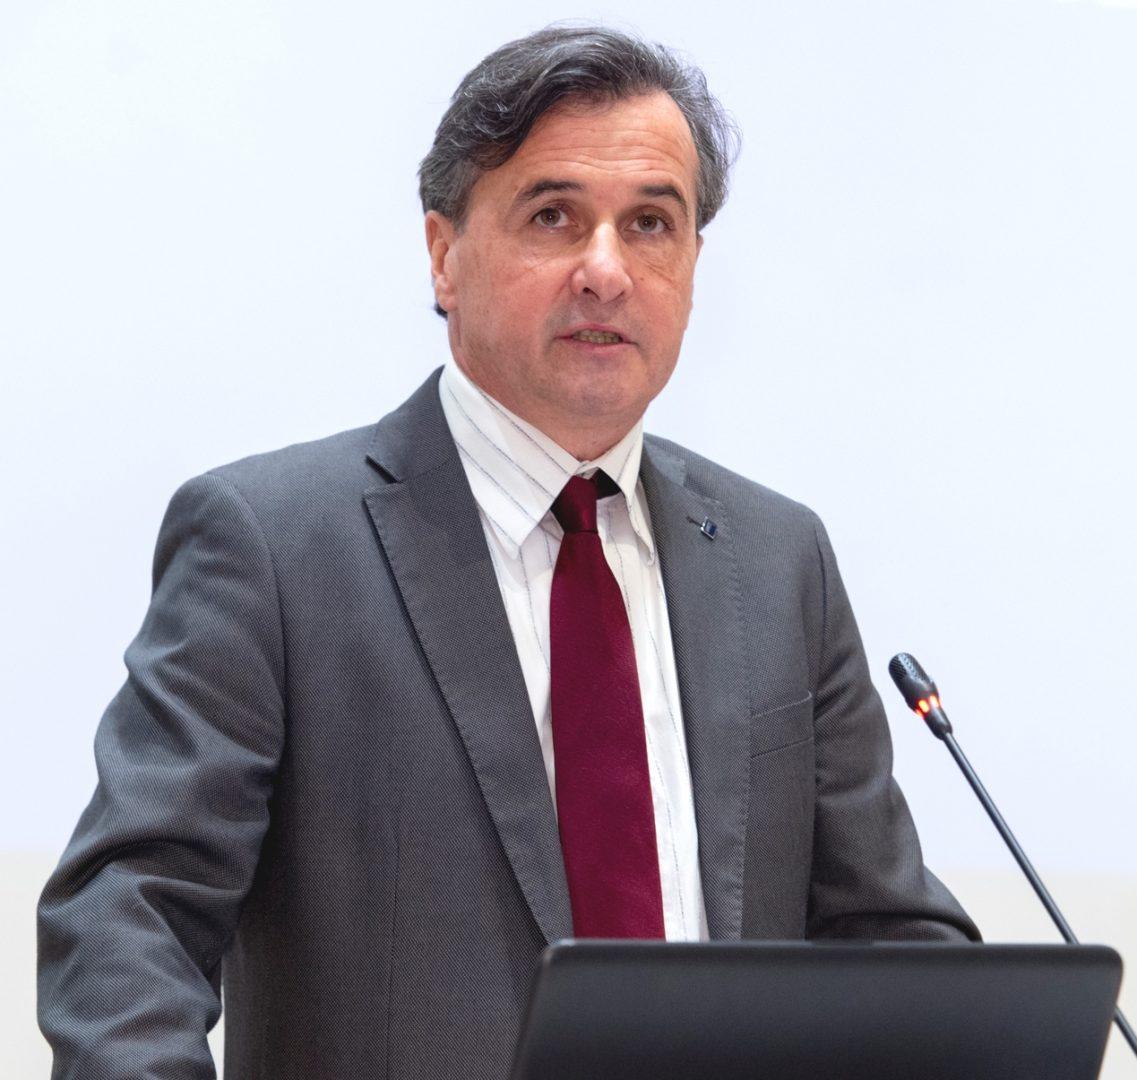 Carlo Trestini